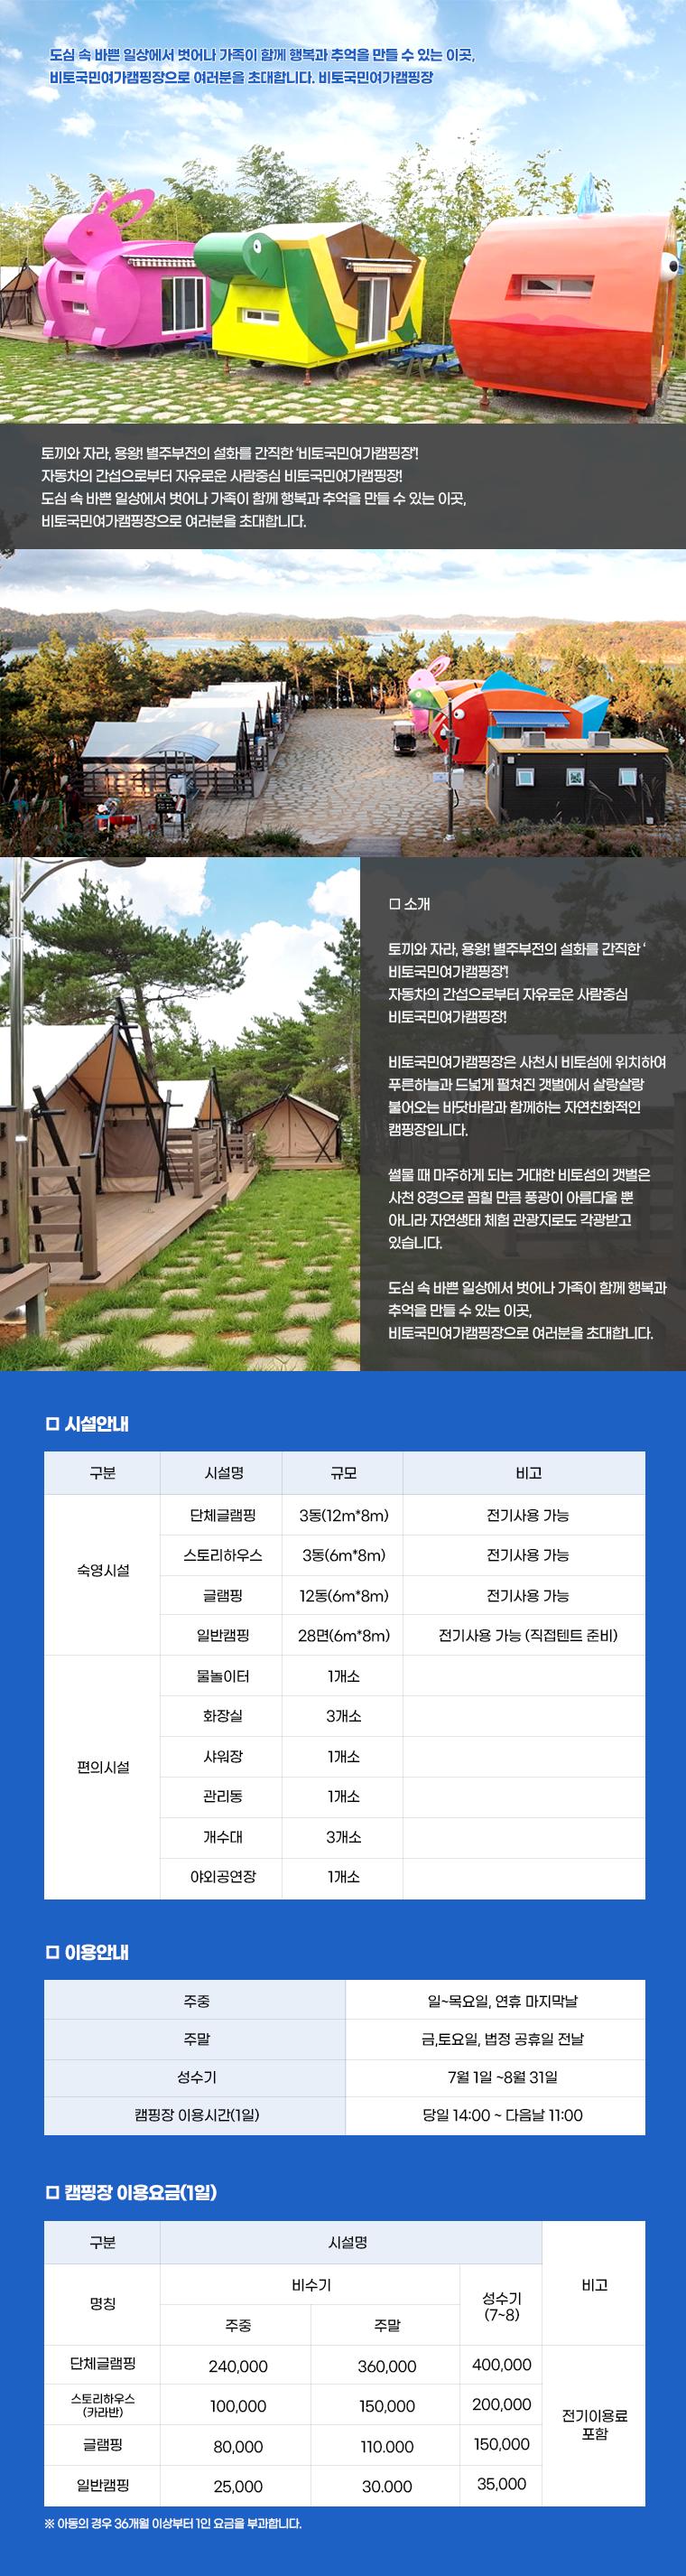 03.비토국민여가캠핑장.png